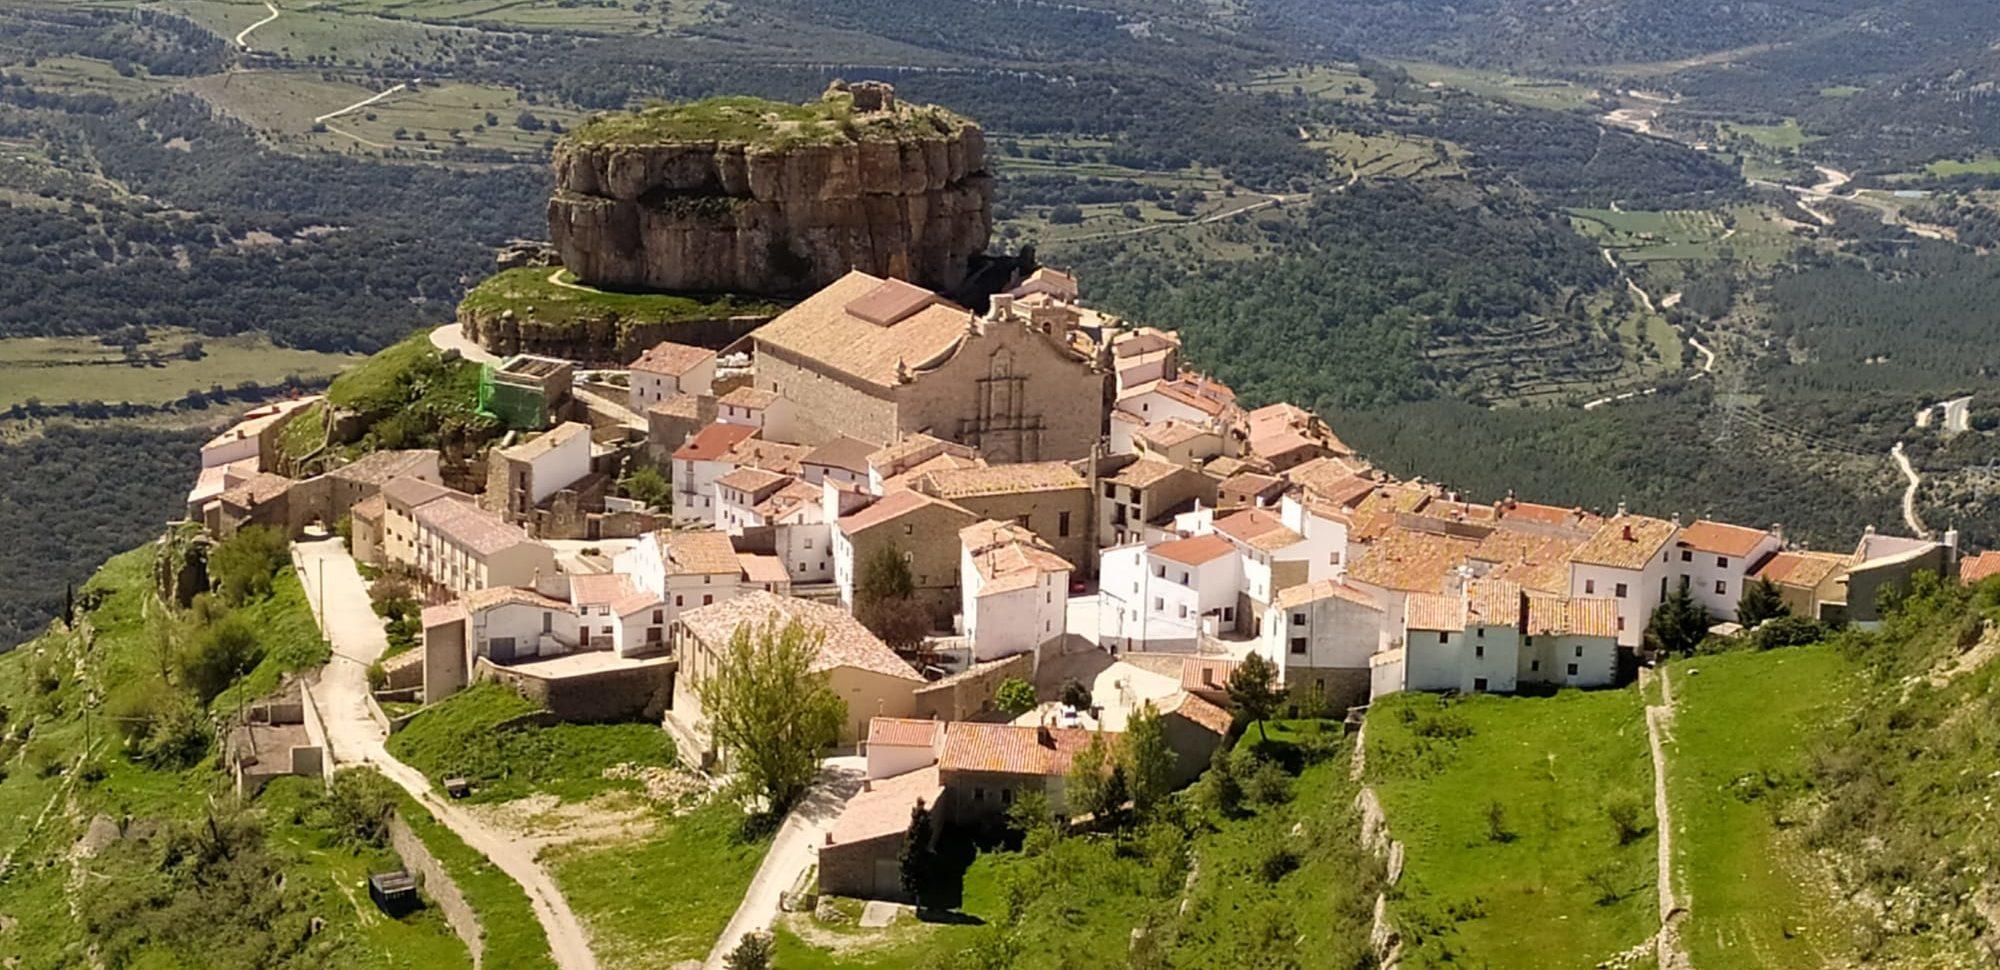 Ares, Benassal, Catí y Culla reinventen la seua oferta per a un turisme responsable en l'Alt Maestrat #HumanLand